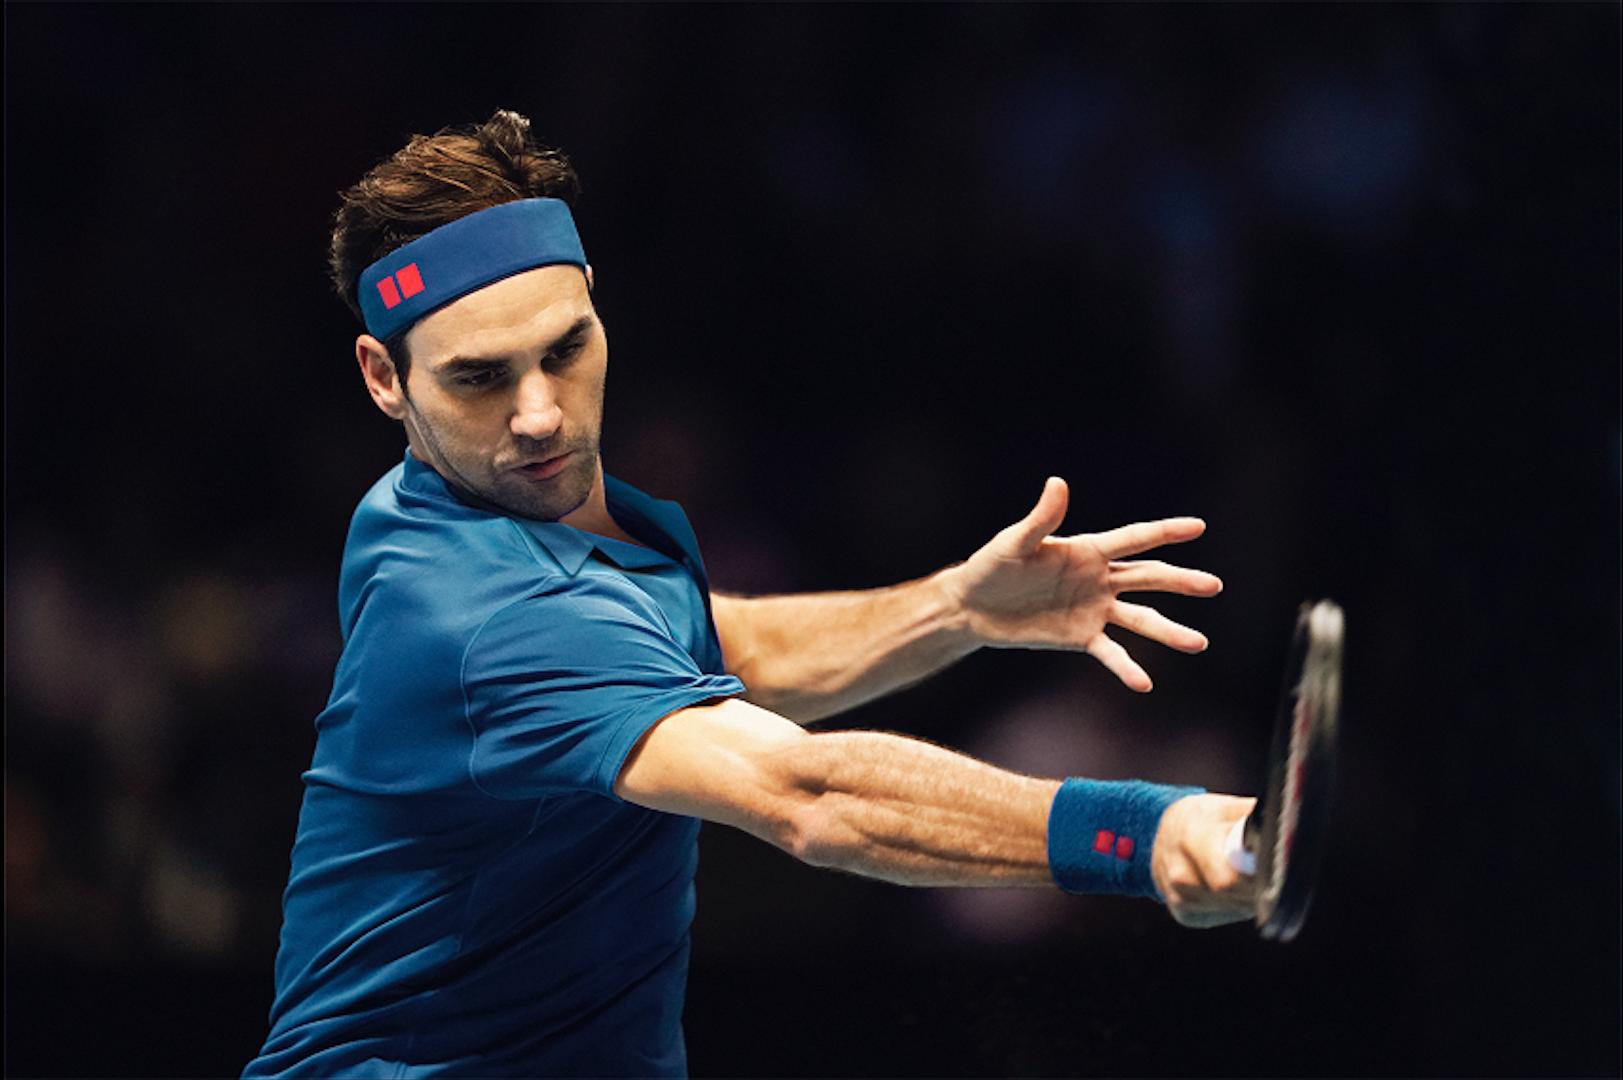 Llegan las nuevas equipaciones de UNIQLO para Roger Federer y Kei Nishikori